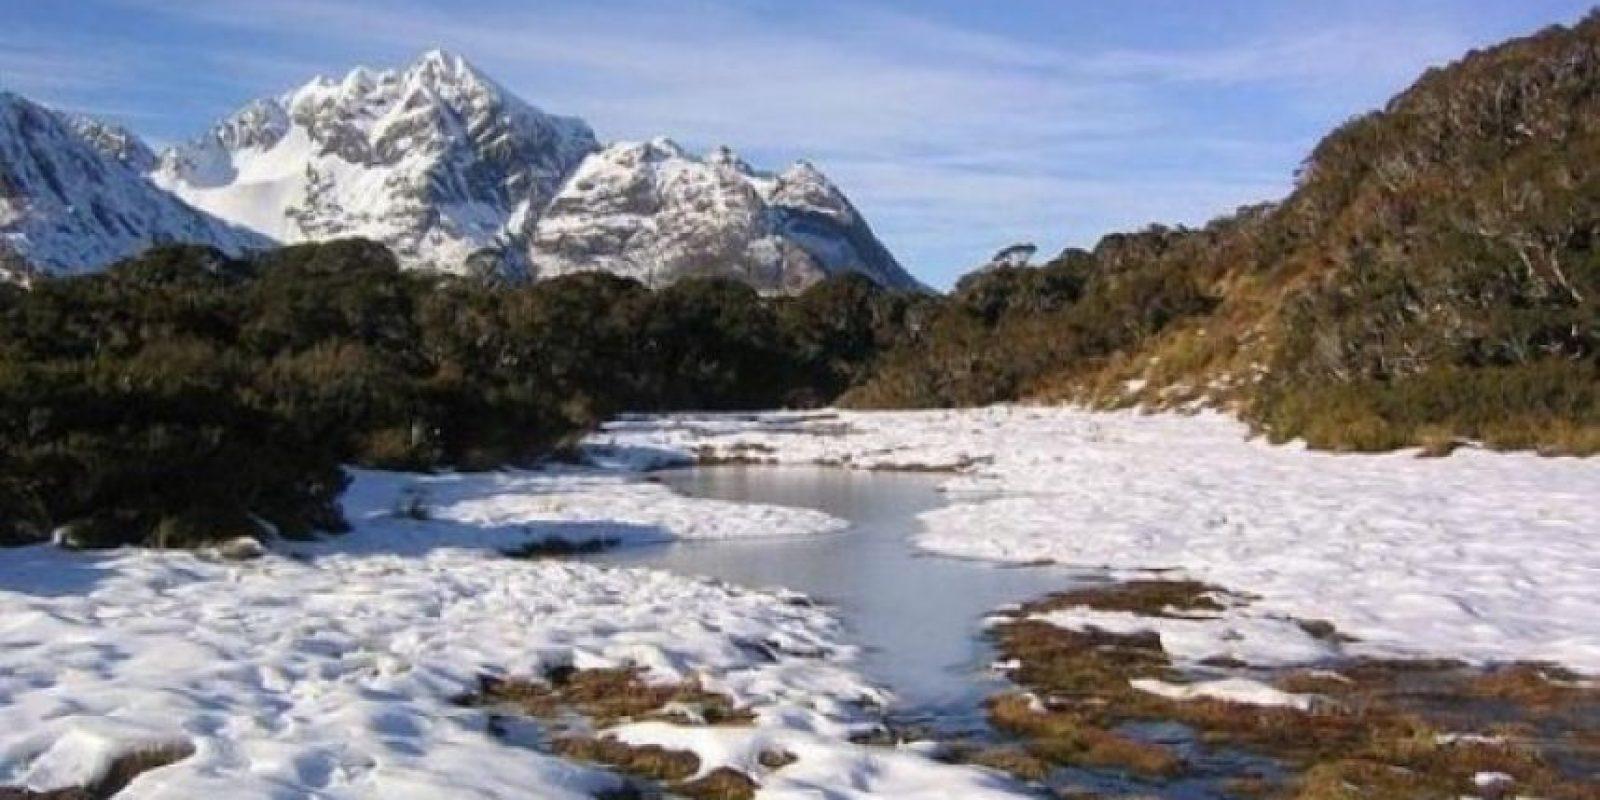 Sendero Routeburn en Nueva Zelanda